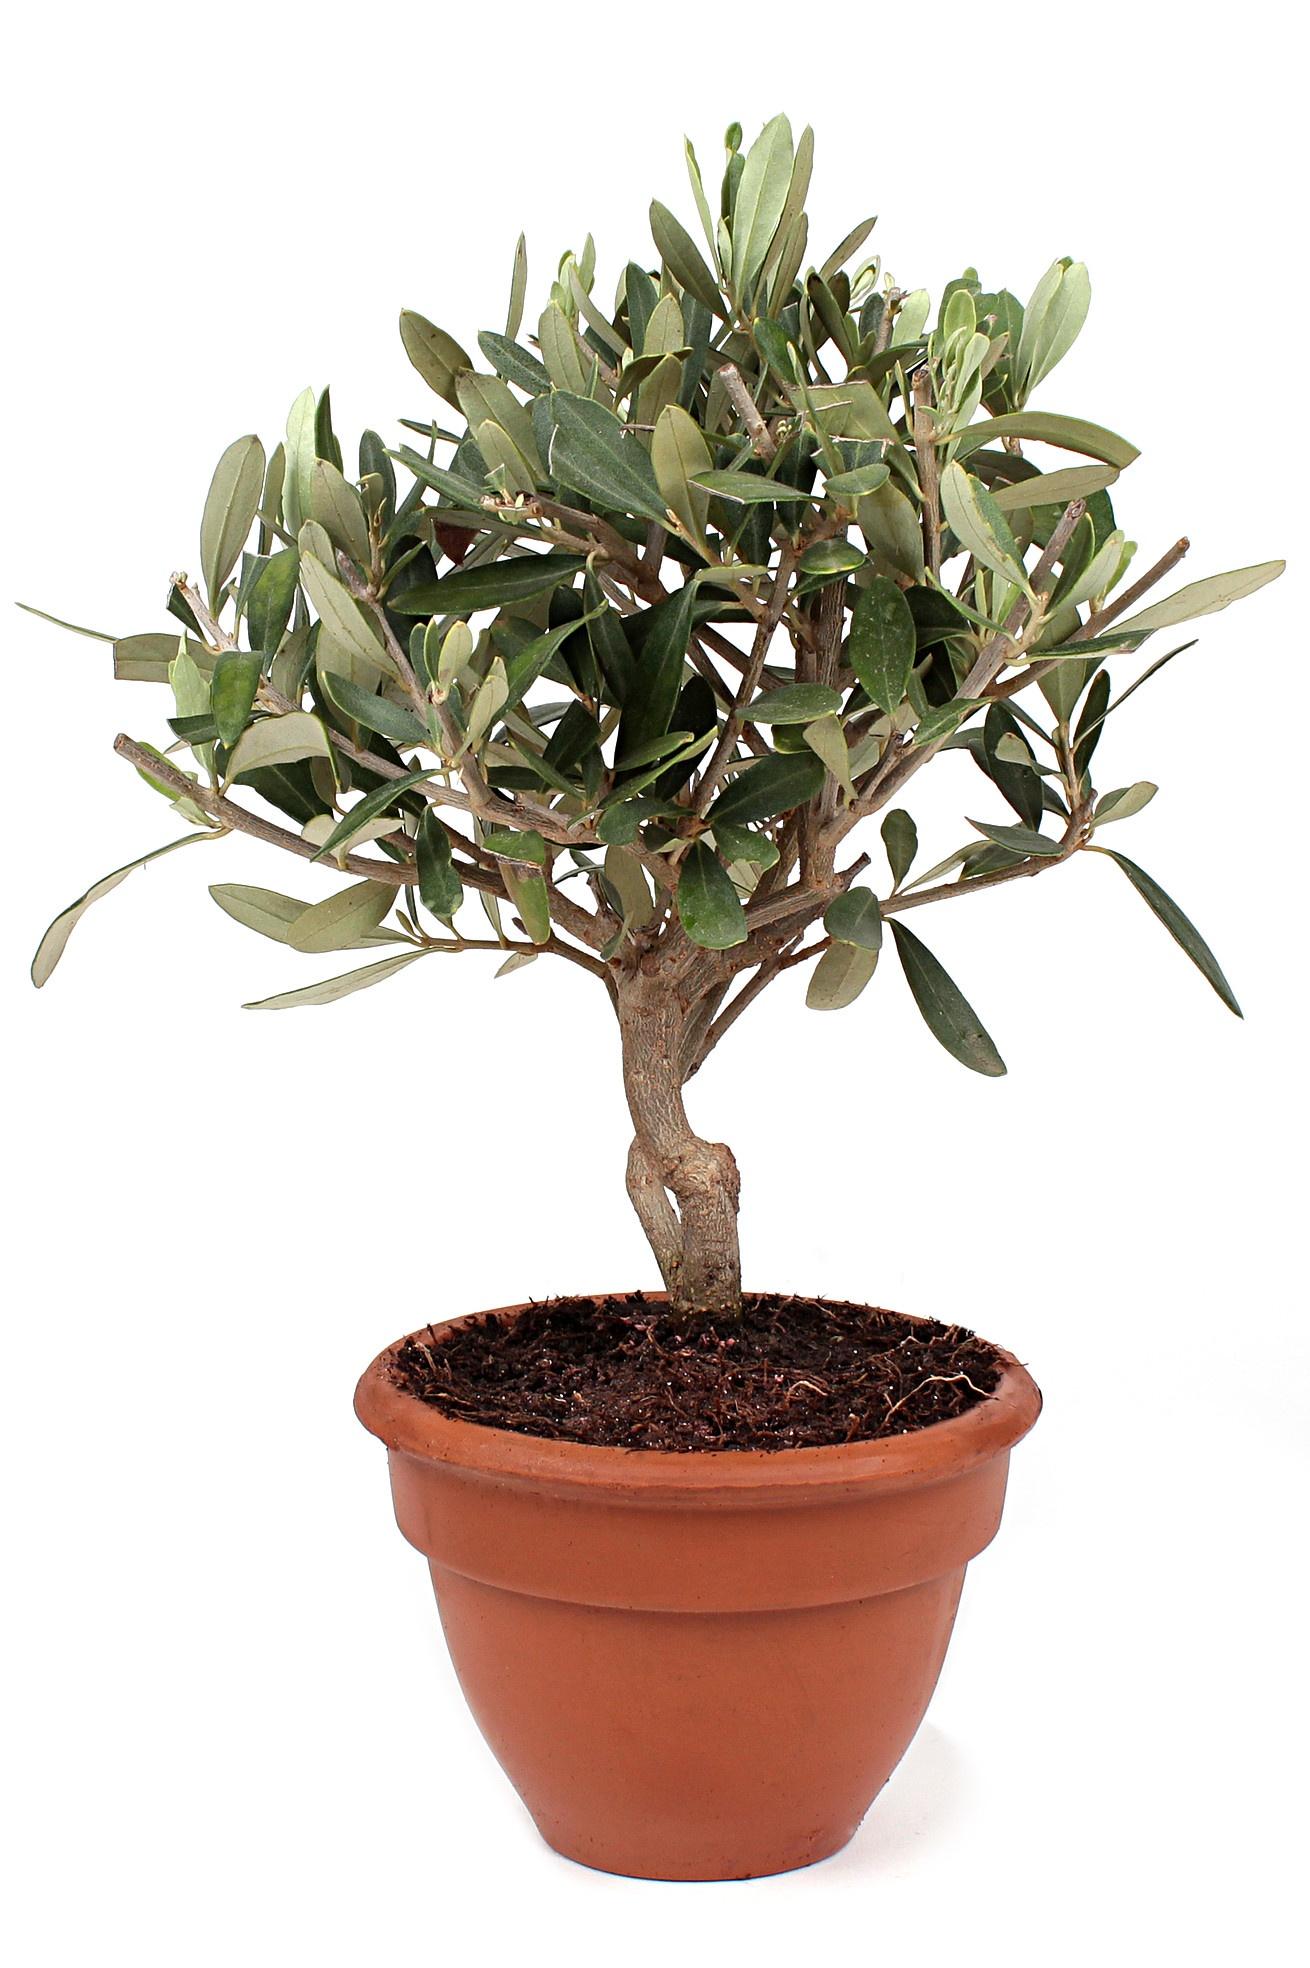 tailler un citronnier en pot la culture de l 39 olivier de provence en pot mon olivier. Black Bedroom Furniture Sets. Home Design Ideas